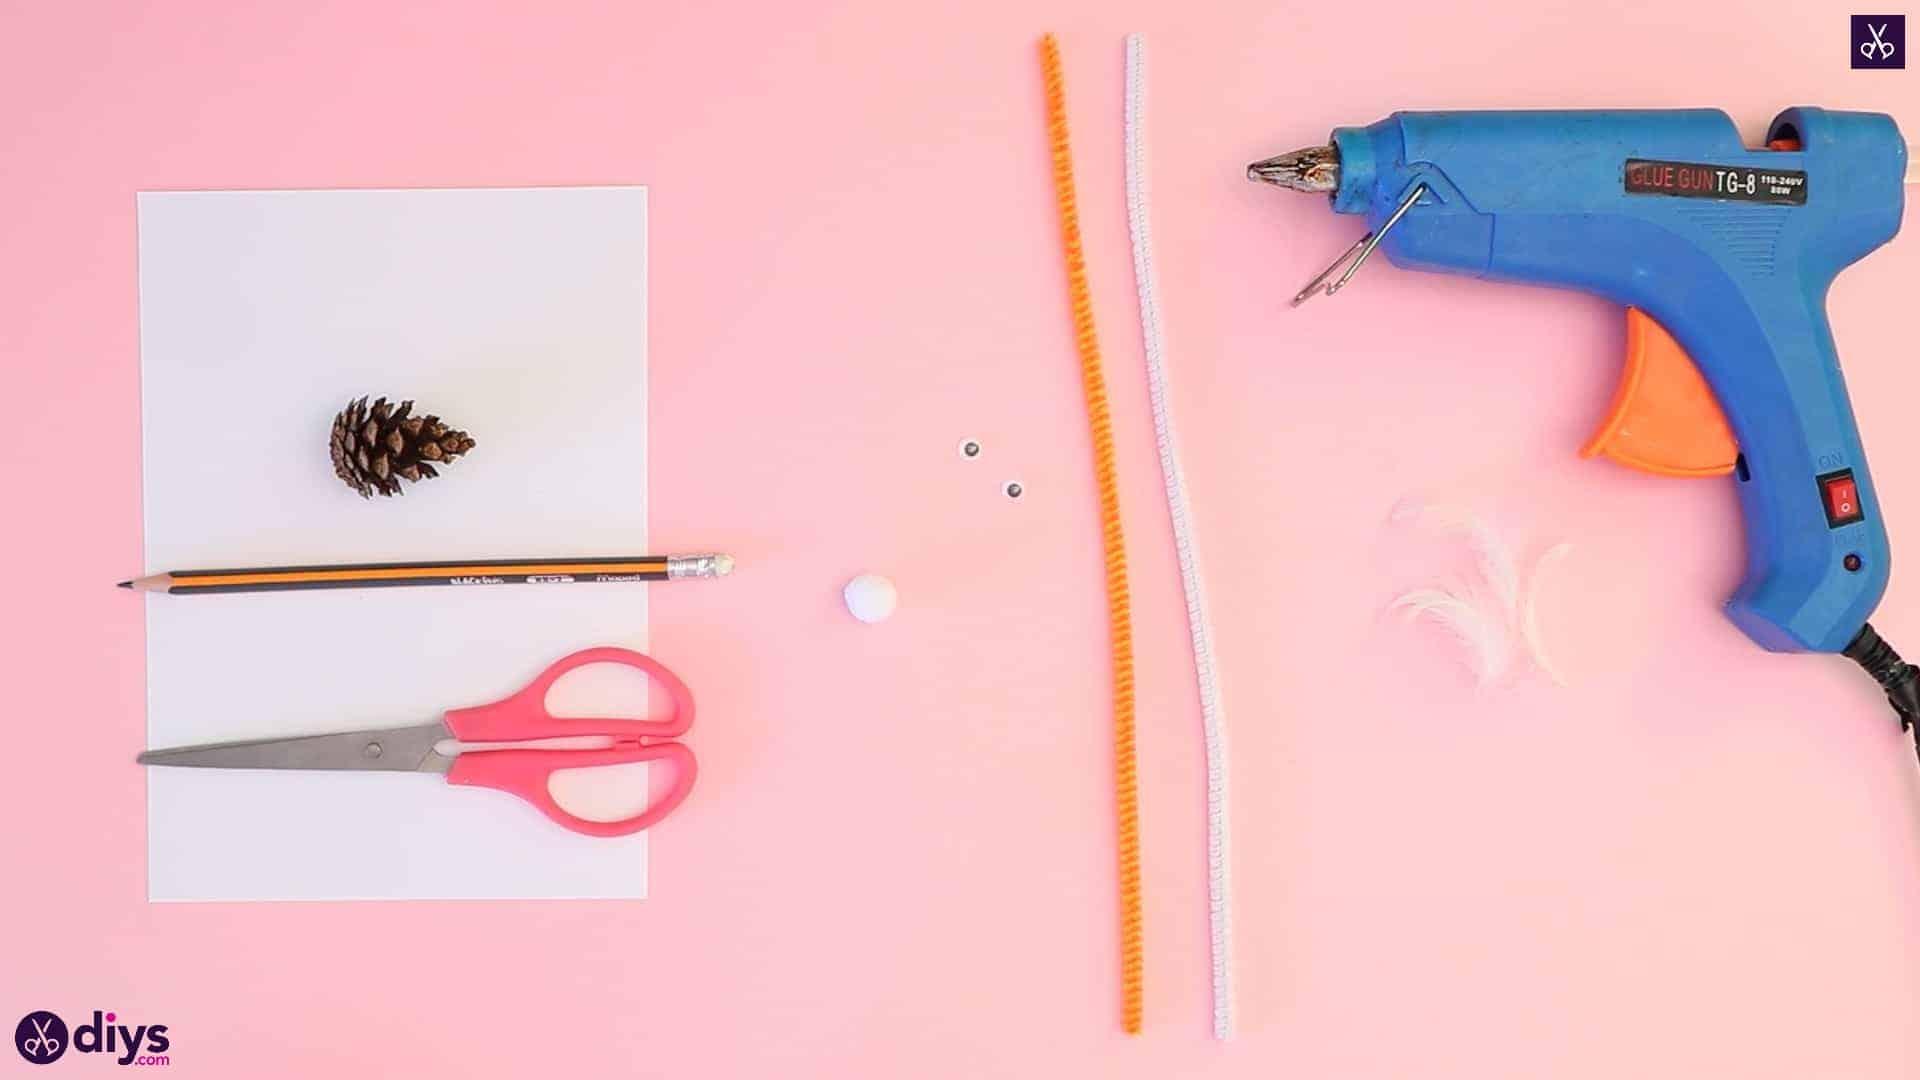 Diy simple pinecone swan materials